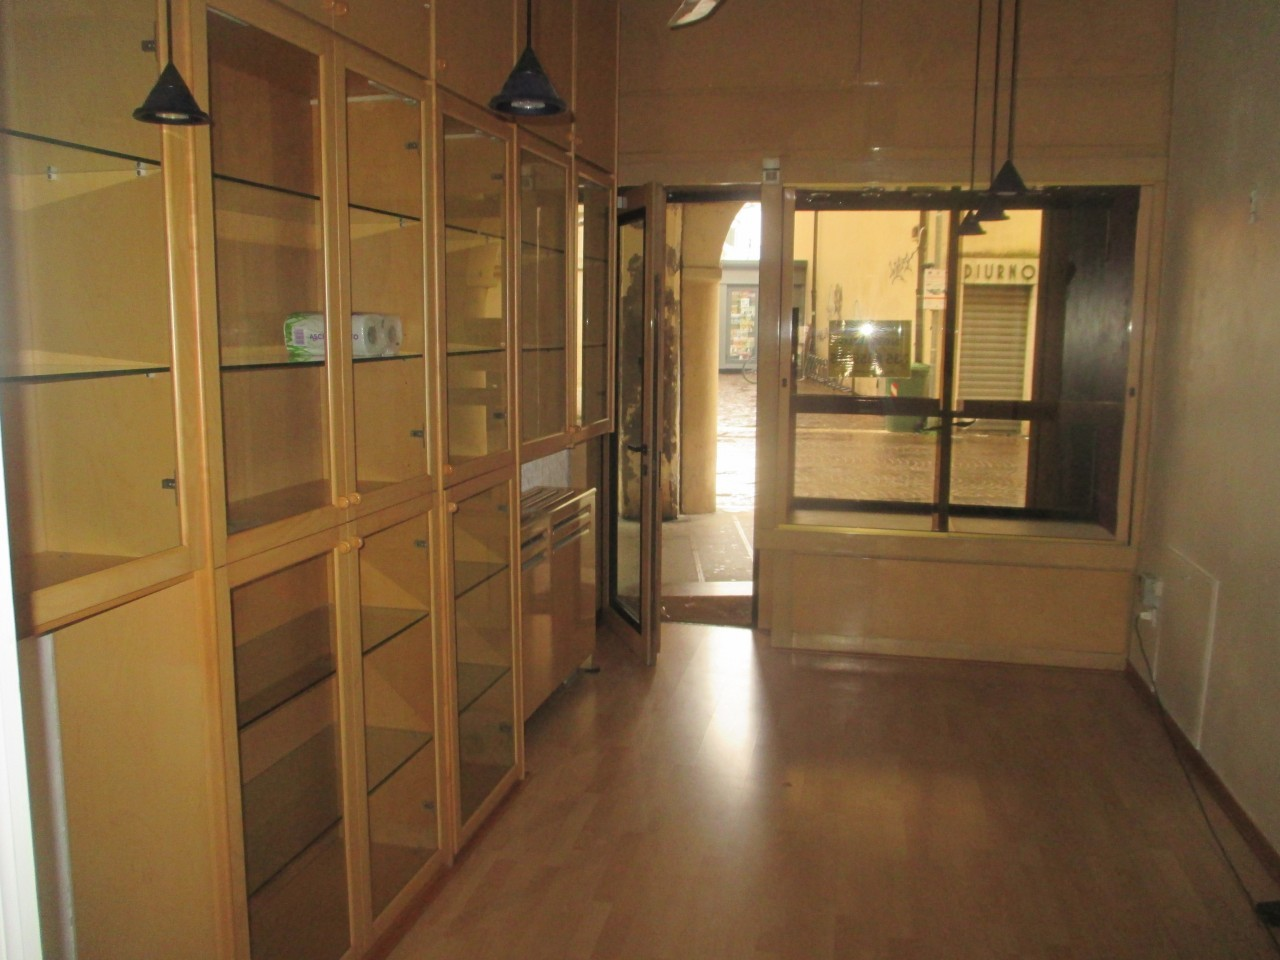 Negozio / Locale in vendita a Rovigo, 1 locali, prezzo € 120.000 | CambioCasa.it